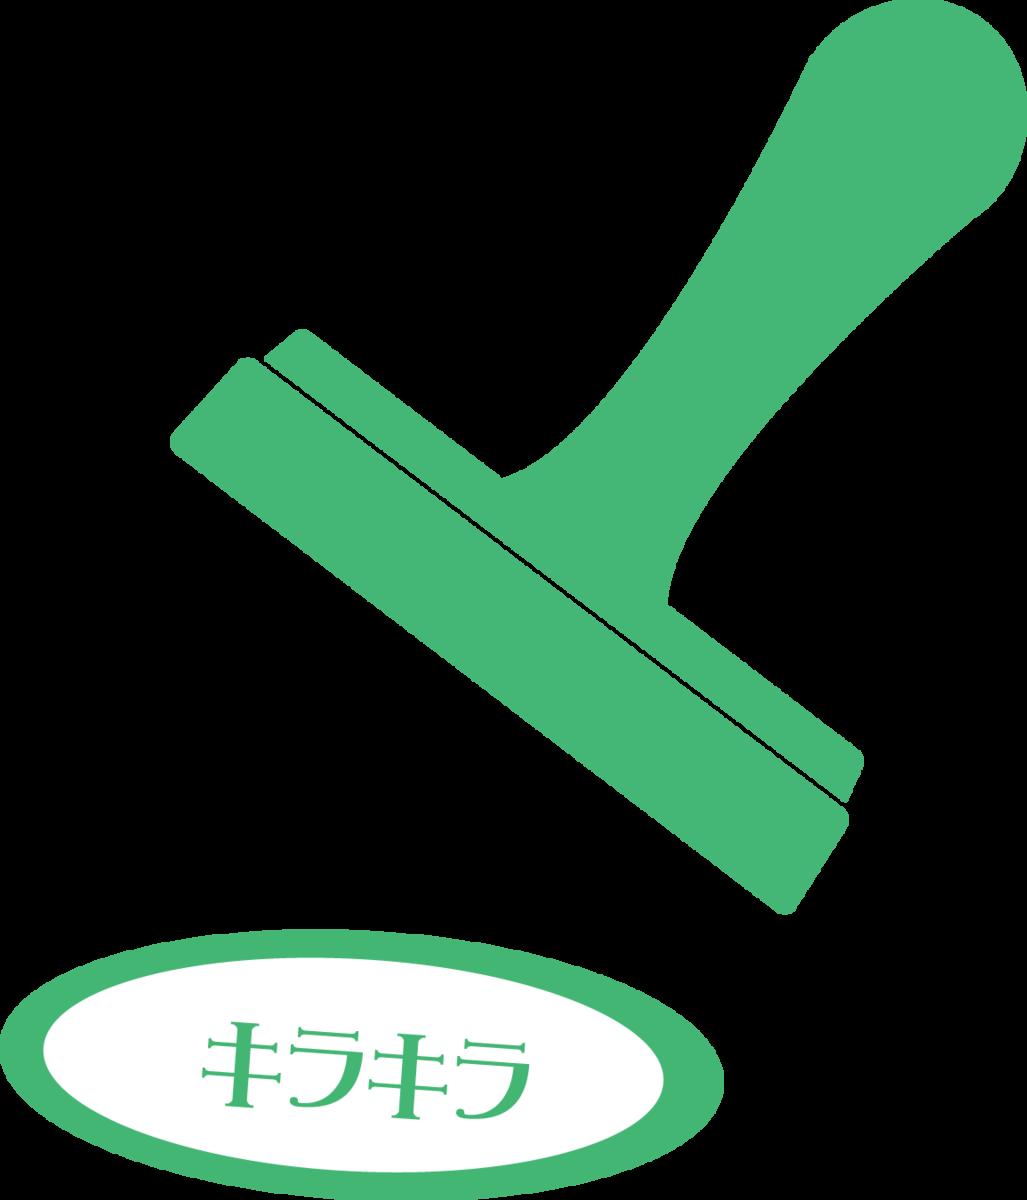 f:id:mojiru:20201026093511p:plain